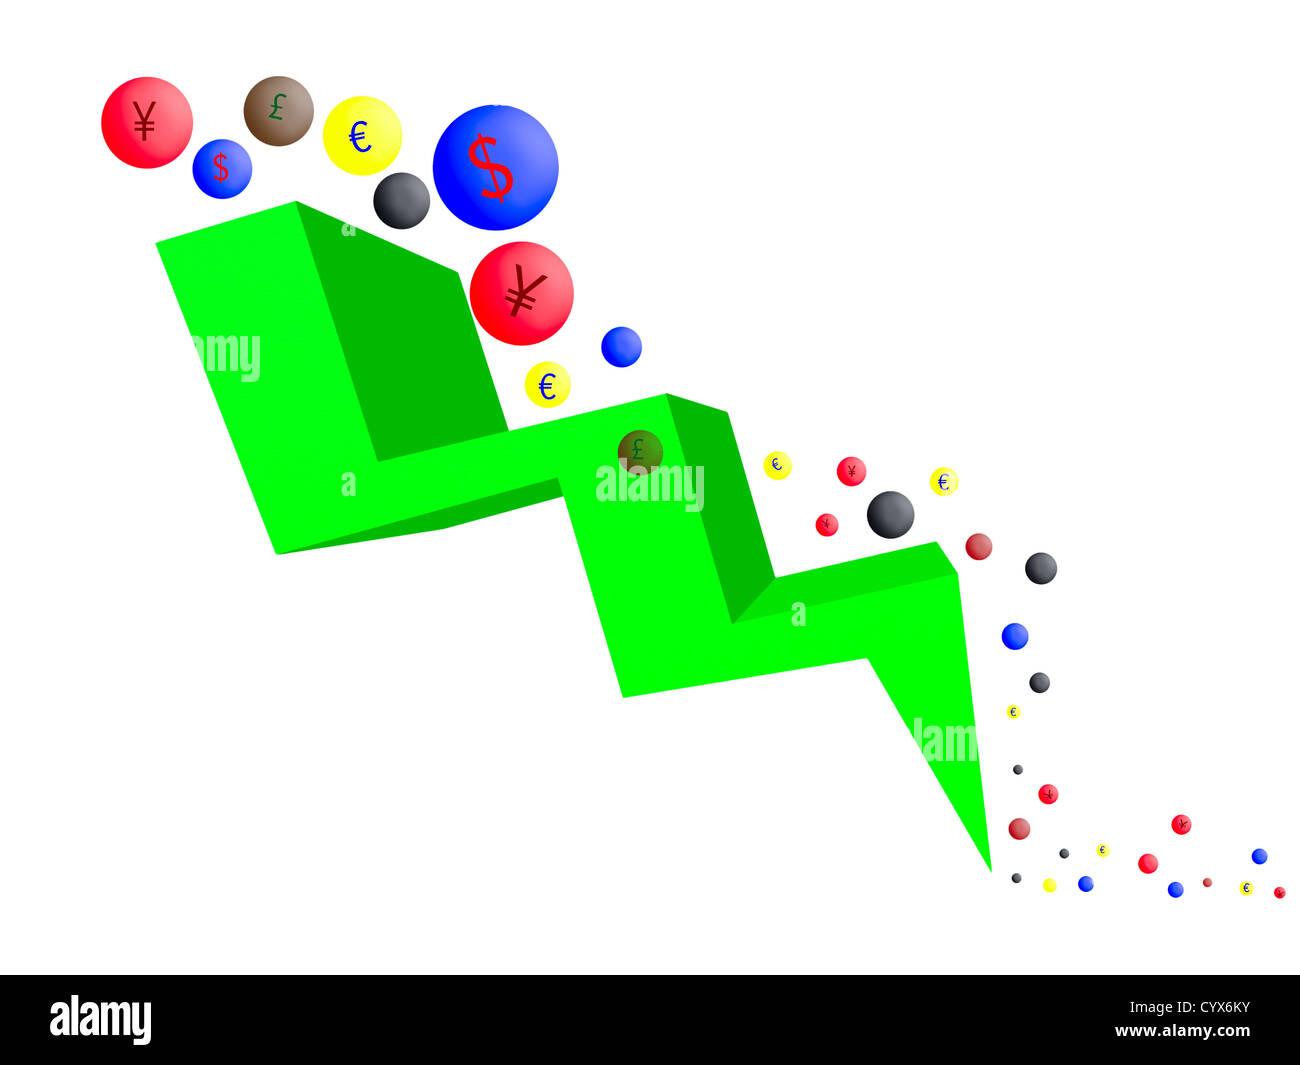 Valute sulla tendenza al ribasso, sfondo bianco Immagini Stock